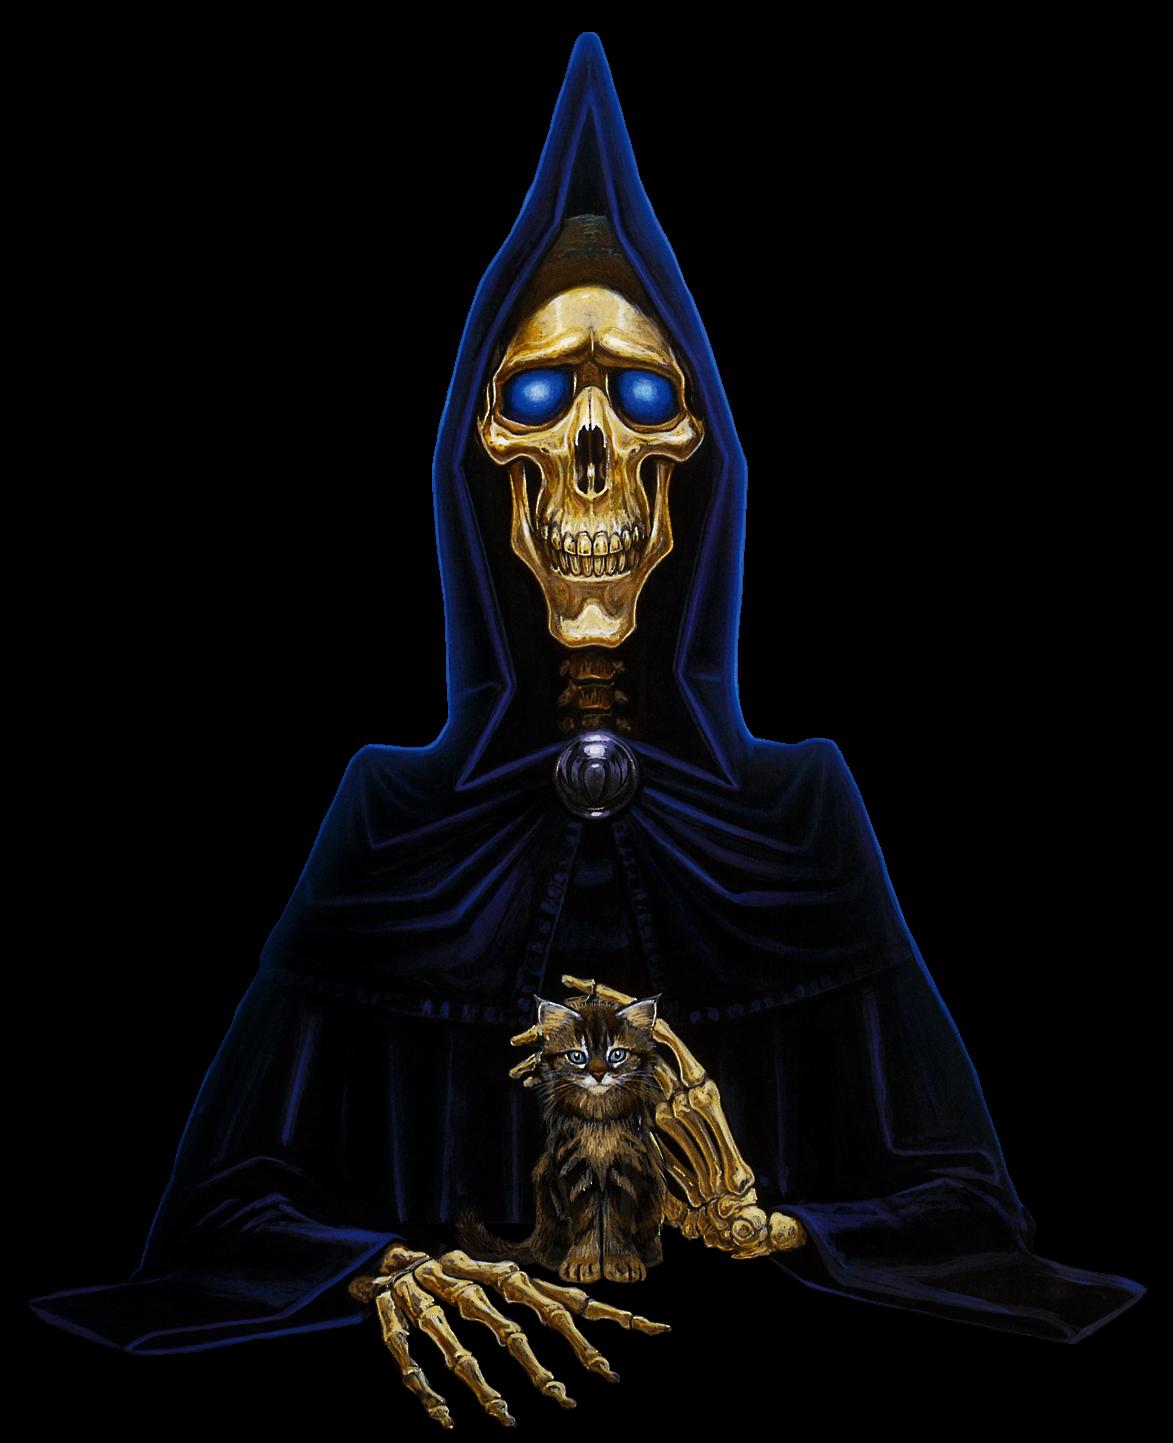 http://3.bp.blogspot.com/-otiNheQy_aQ/UFnpZRqAEKI/AAAAAAAALHI/AgNXk1O8uDk/s1600/Render+-+Caveira+Da+Morte+Baixe+Renders.png